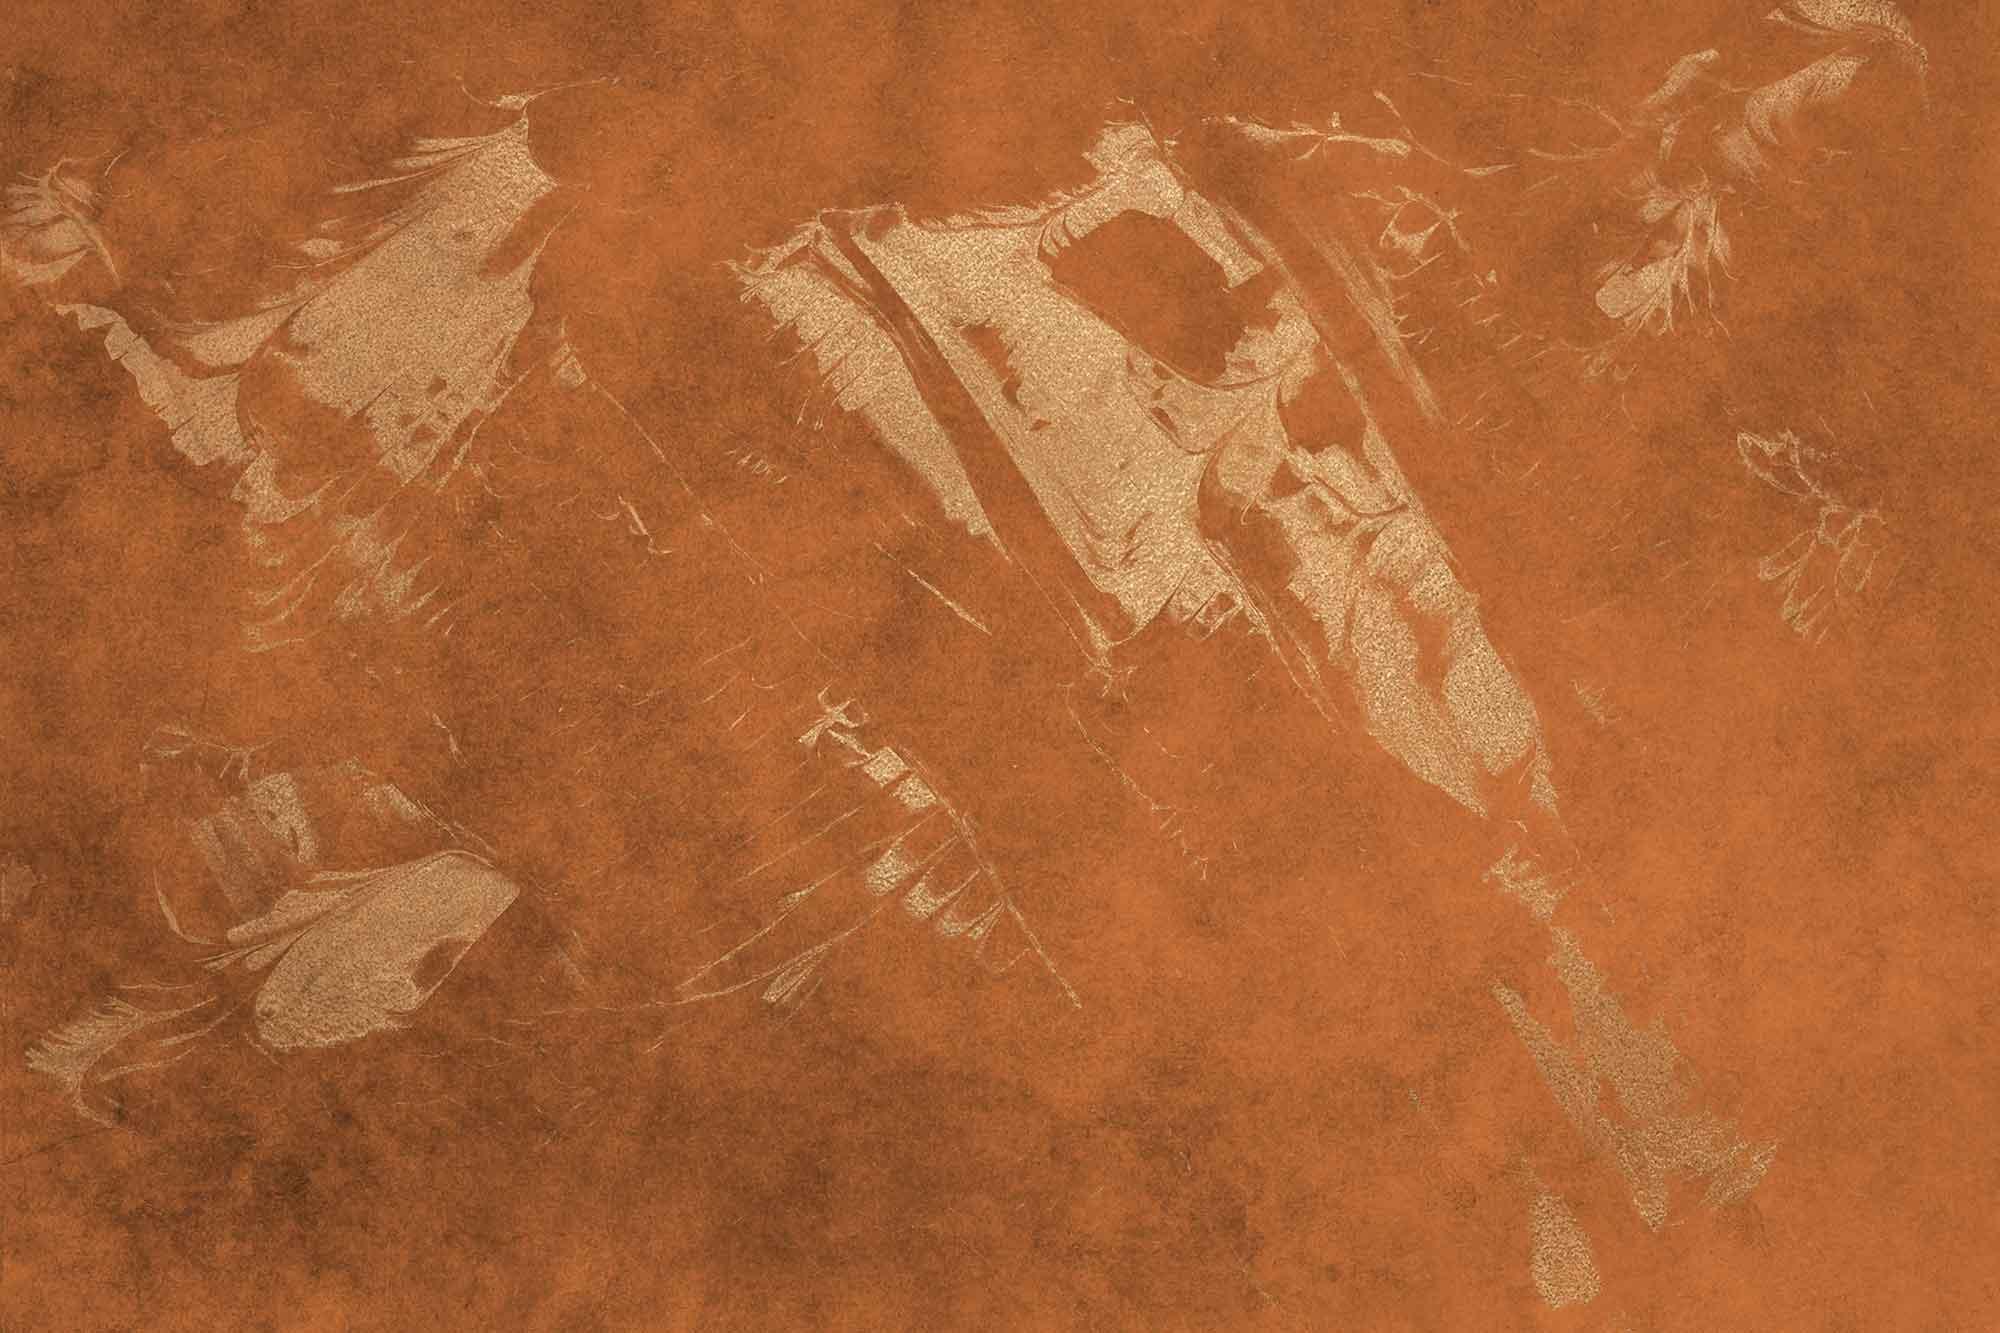 Peach & Cream Textures 4